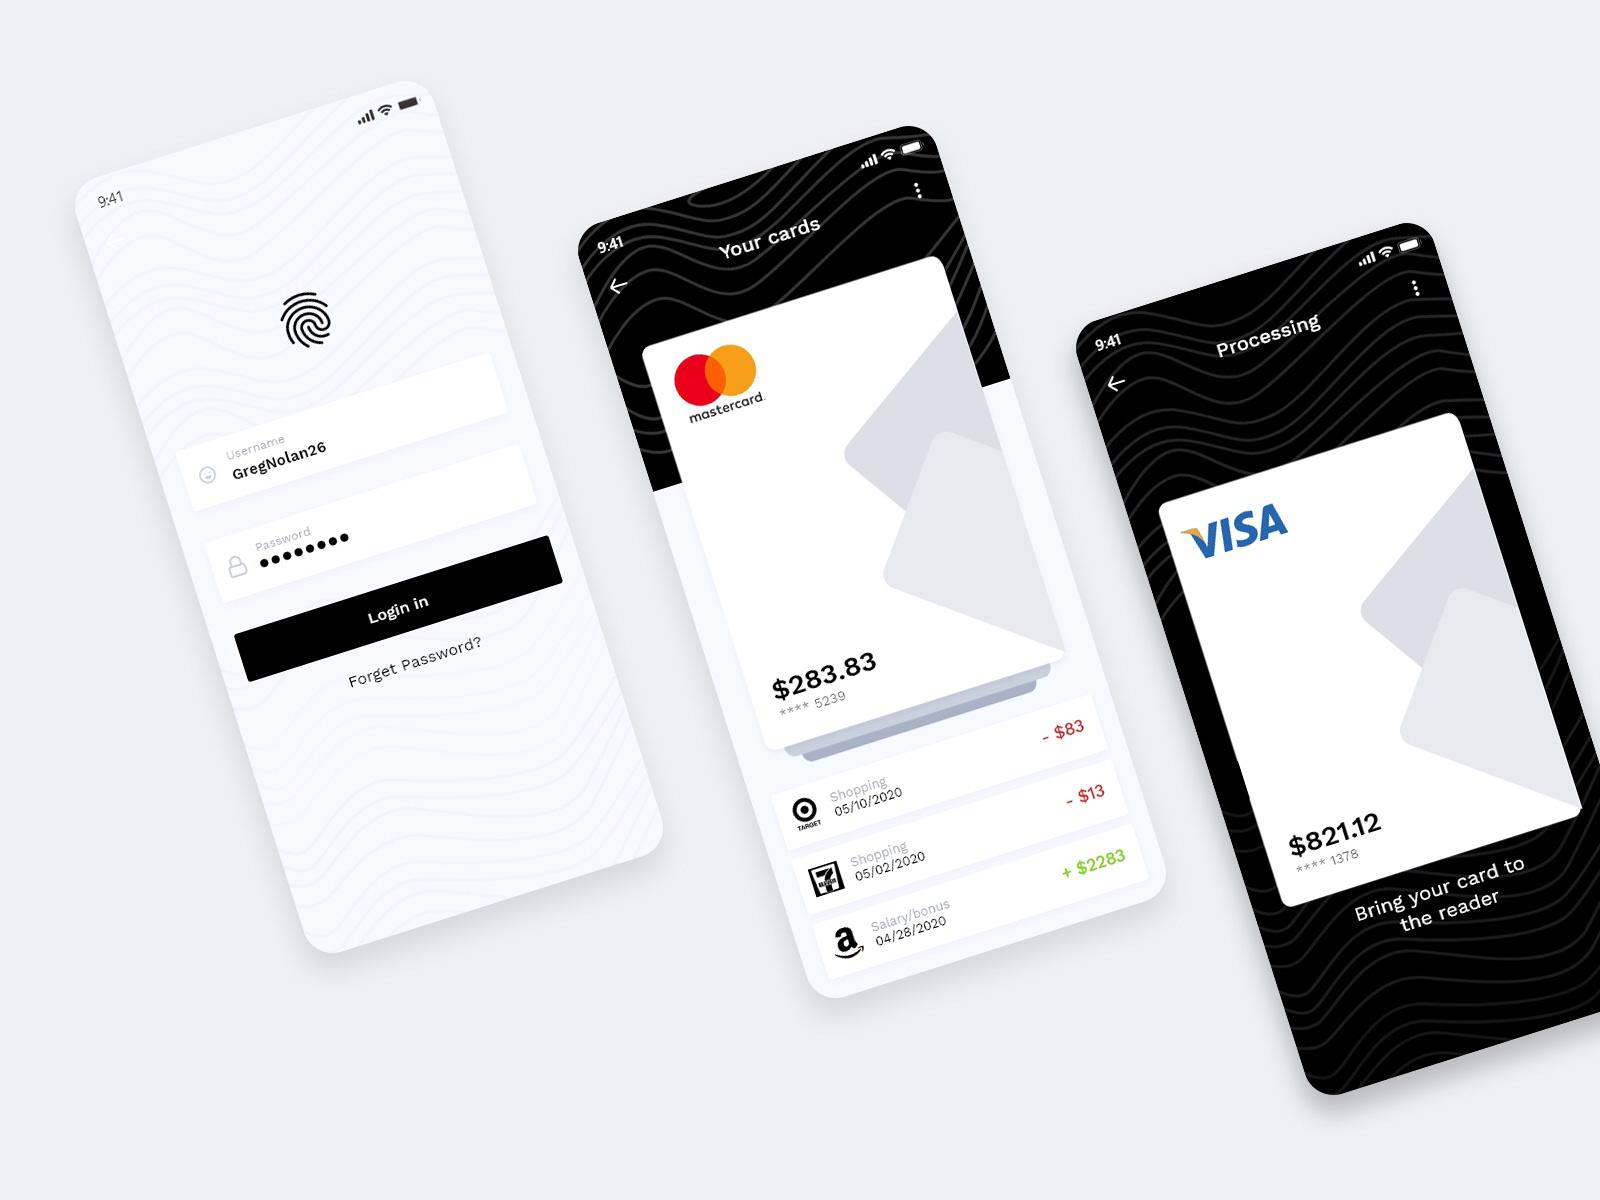 手机钱包应用程序界面设计套件插图